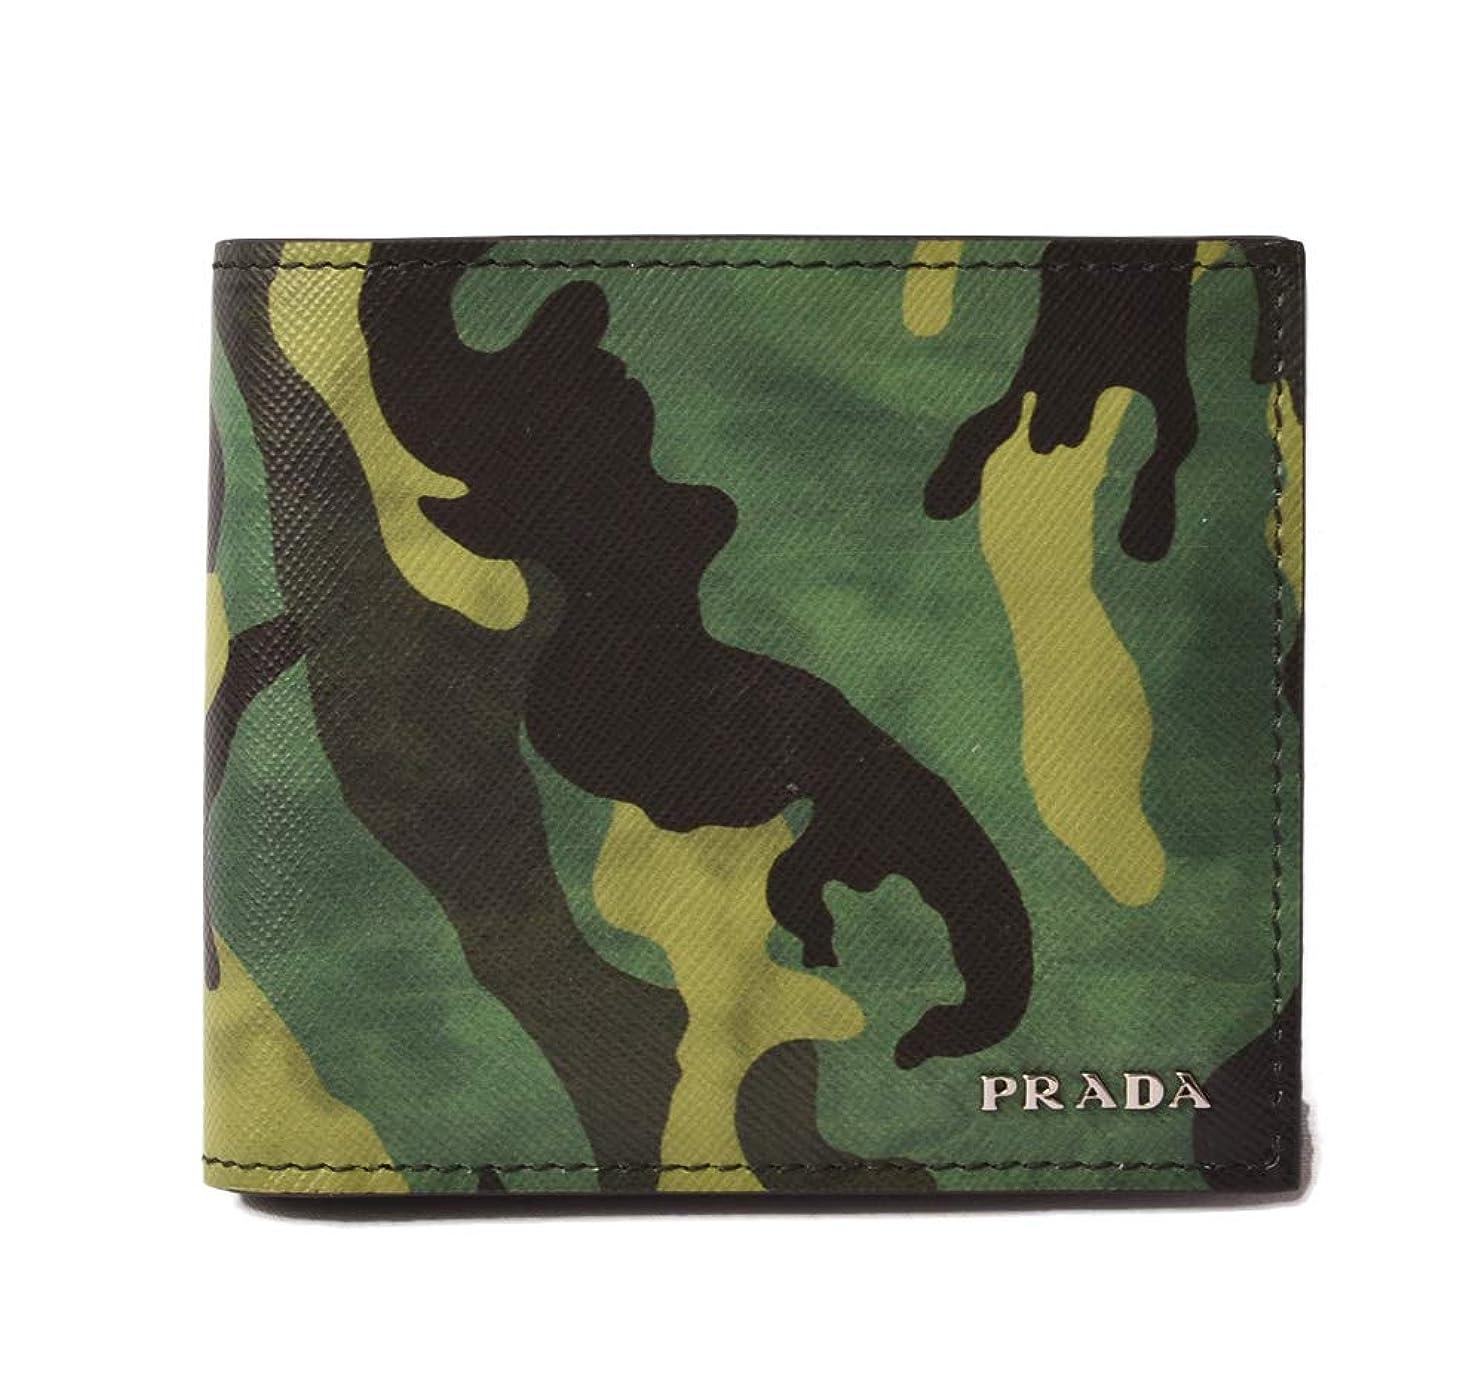 儀式氷セールプラダ PRADA 折財布/札入れ 2MO513 メンズ向け SAFFIANO CAMOUF/サフィアノ PRATO/カモフラージュ アウトレット